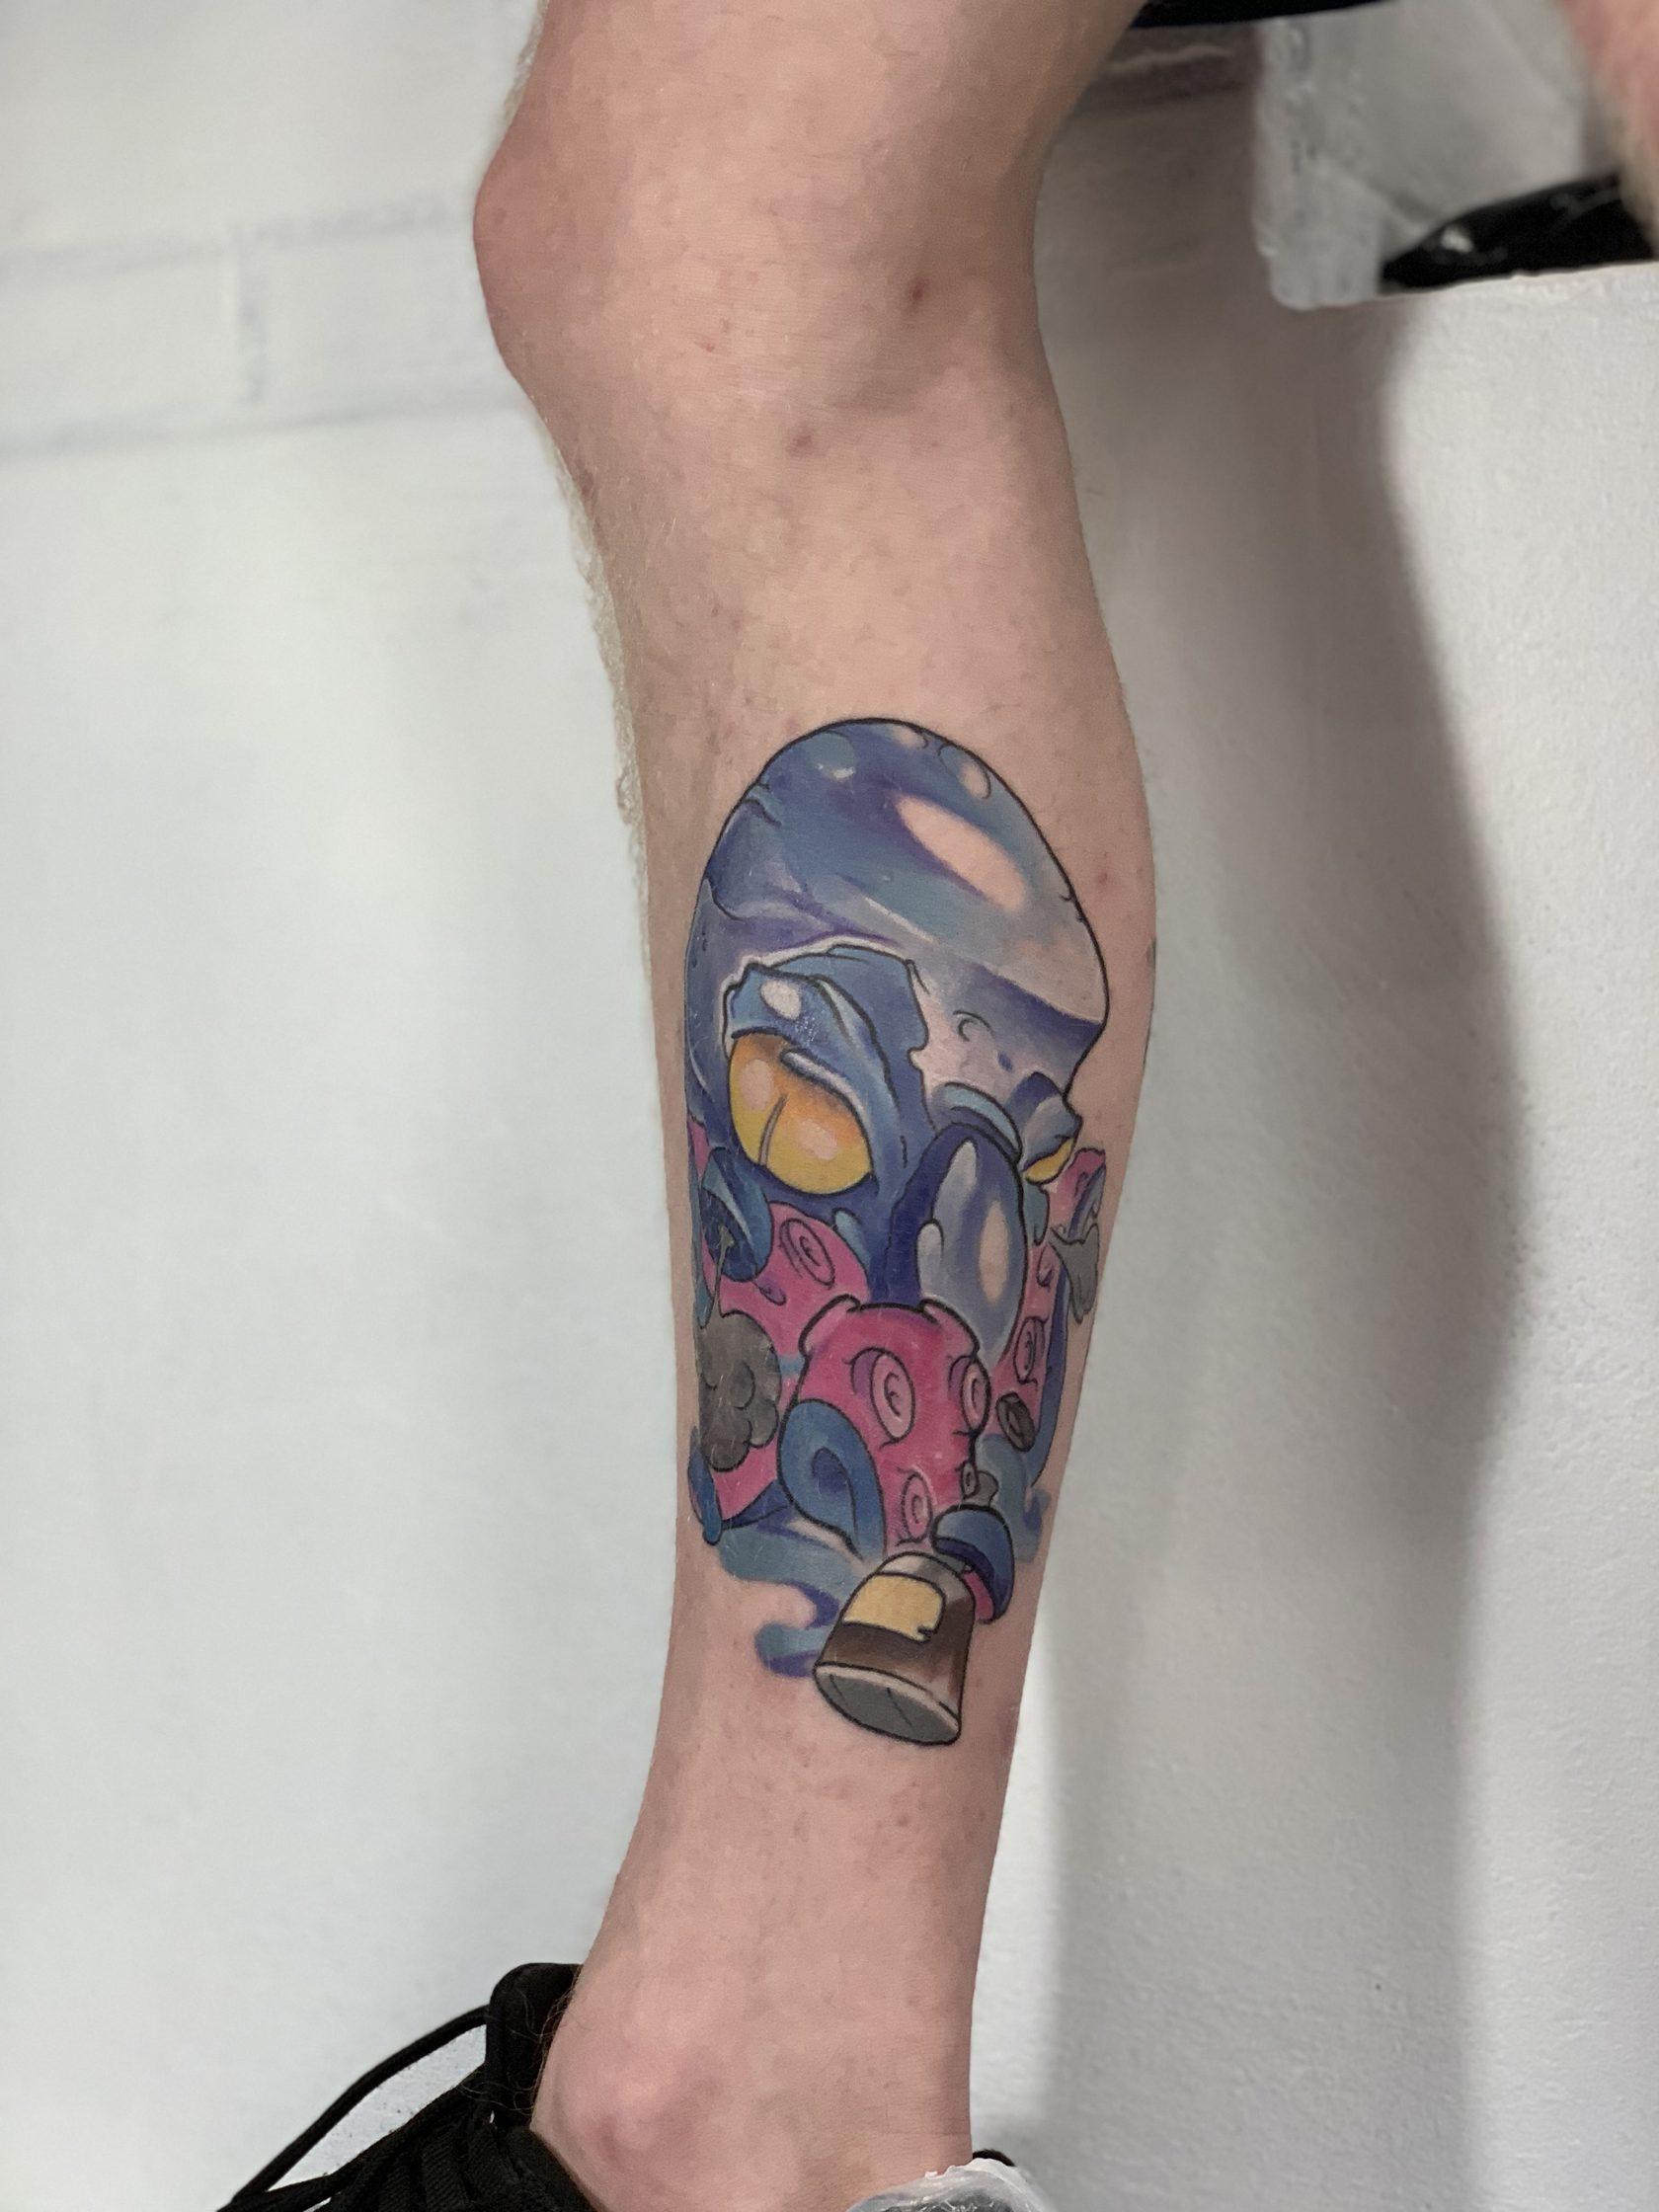 тату на икре, тату на голене, тату салоны в москве, тату салон цена, цена татуировки в москве, тату стоимость, татуировка цена москва, тату салоны в москве цены